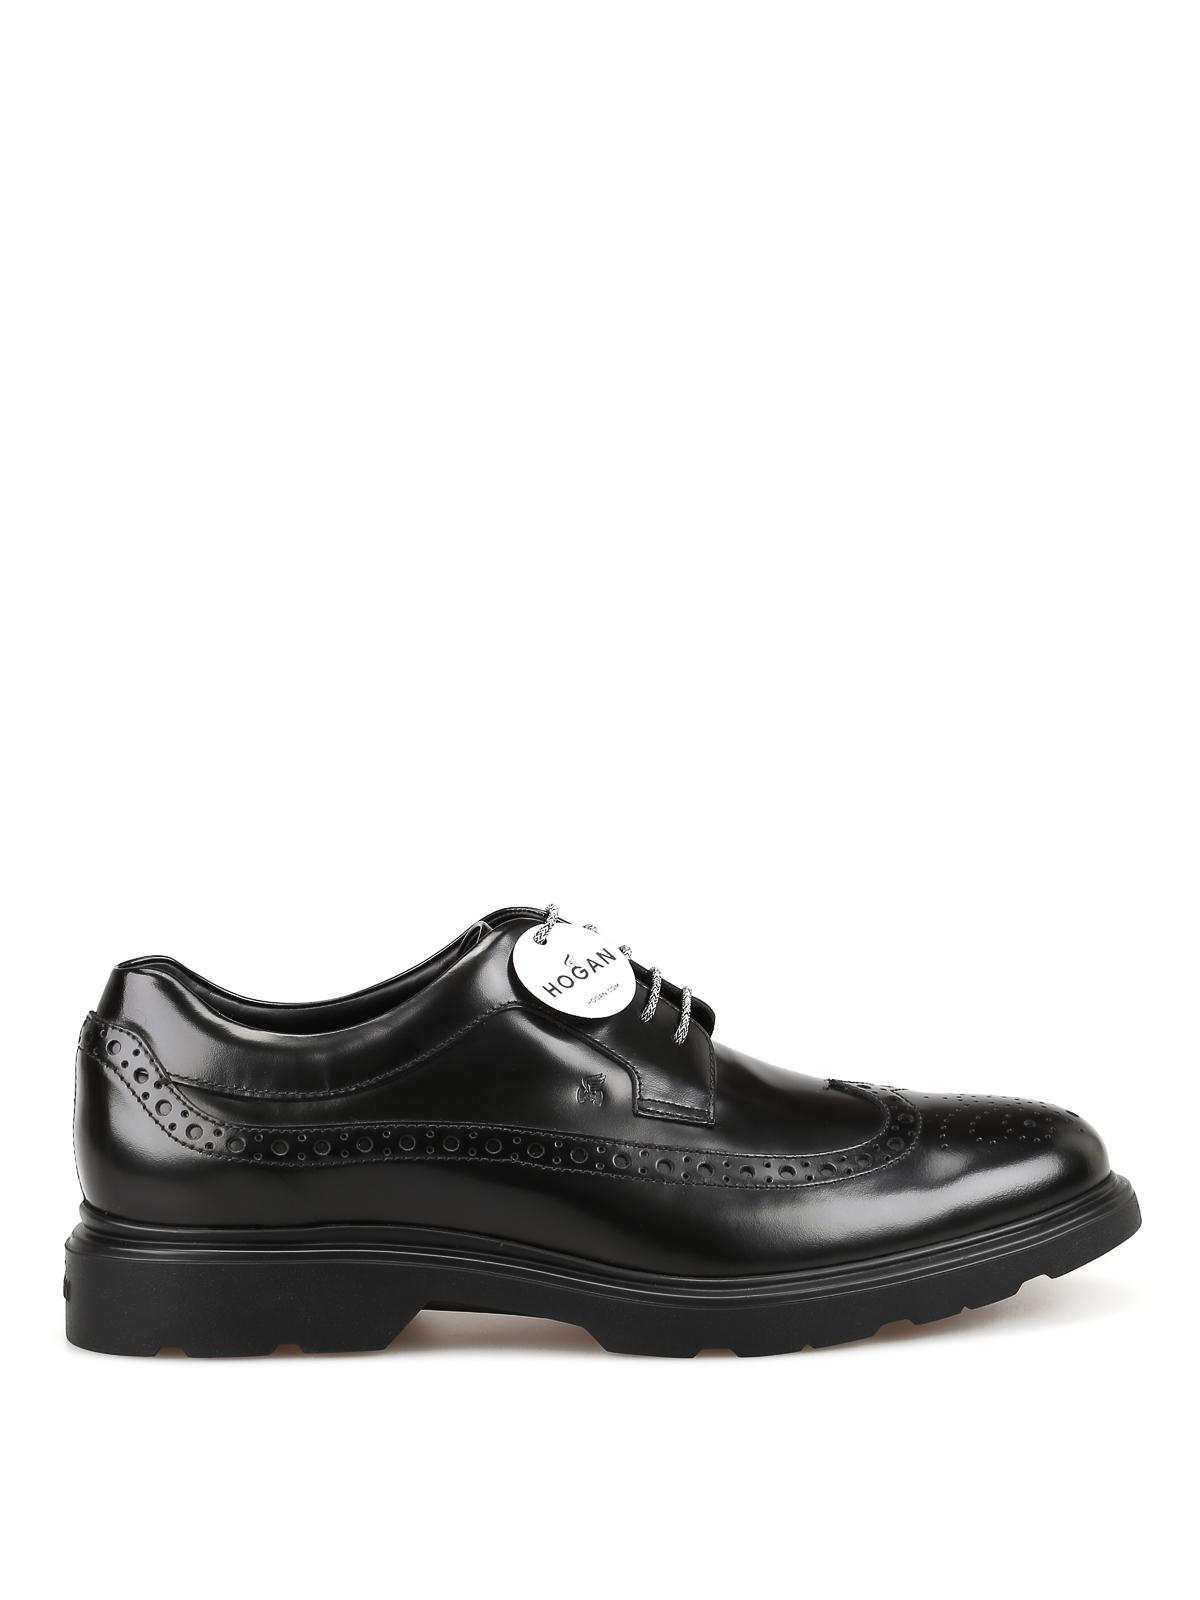 Lace-ups shoes Hogan - H393 new Derby black shoes - HXM3930BX606Q6B999